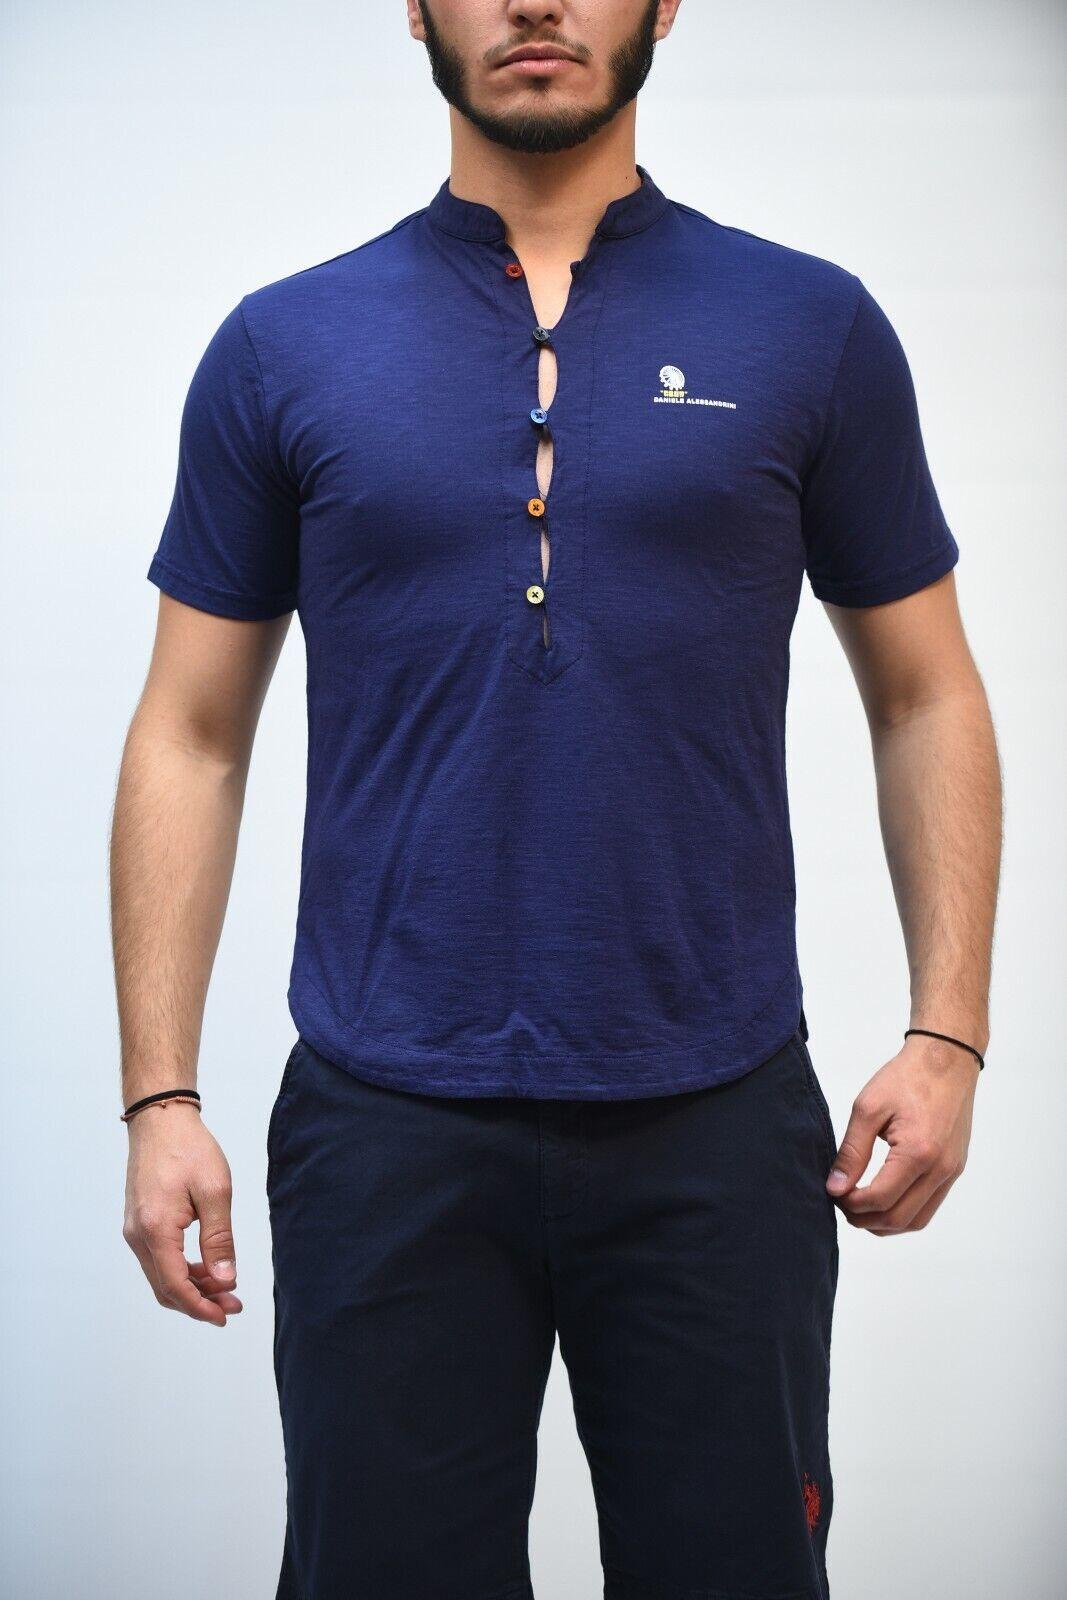 T-hemd  - 30% DANIELE ALESSANDRINI herren M6479E6473900 Blau MADE IN ITALY